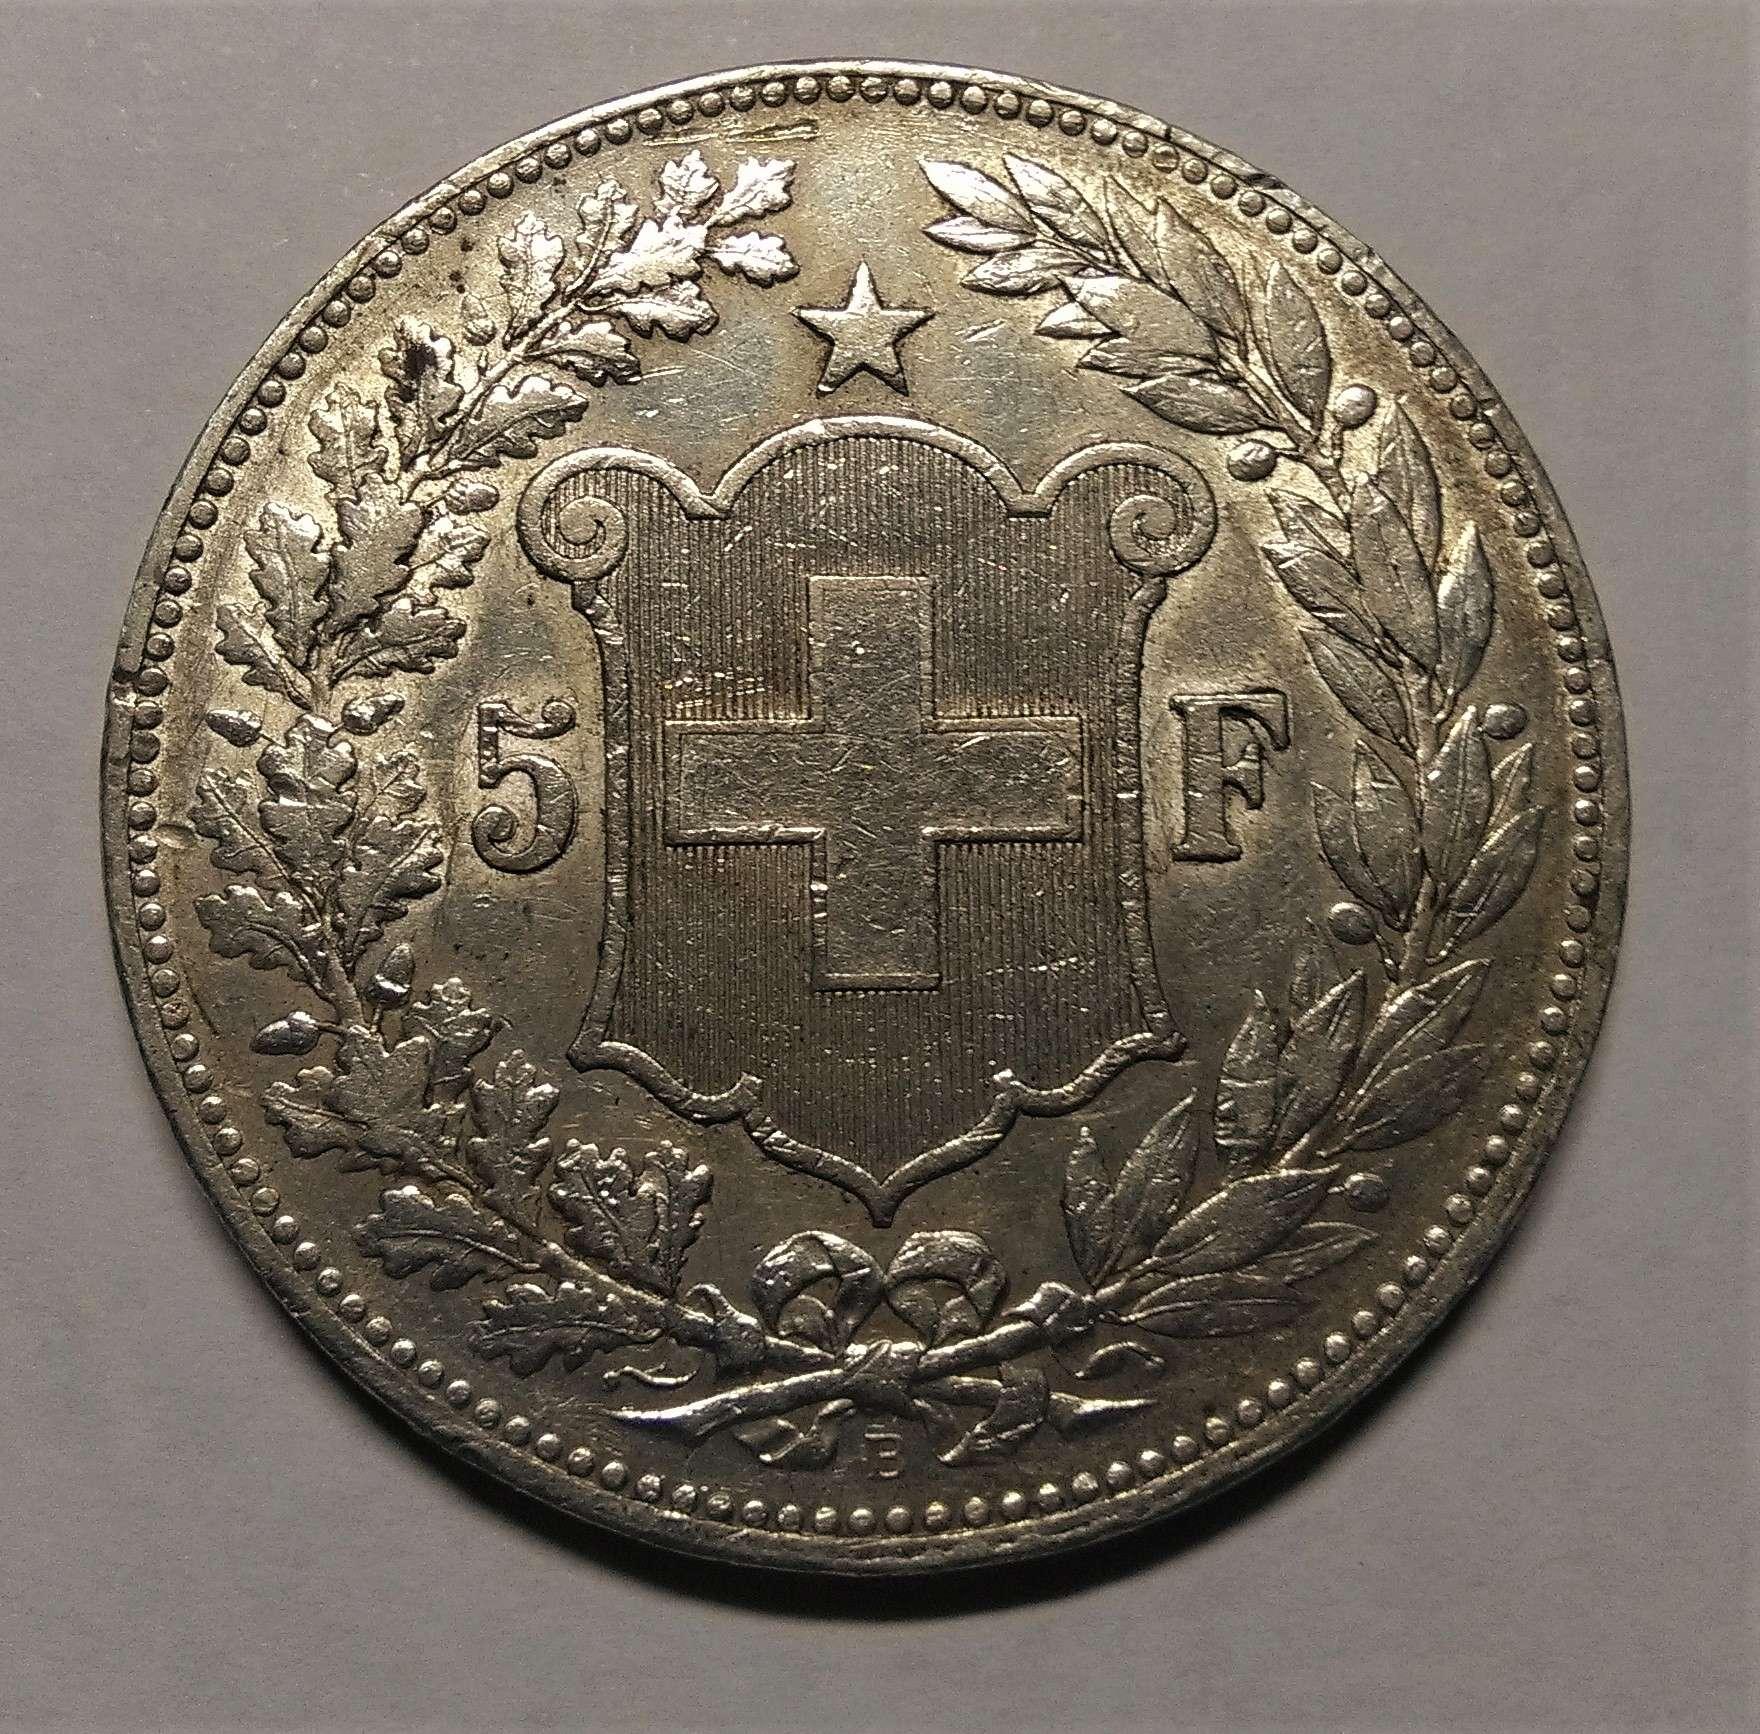 5 Francos - Suiza, 1890 Img_2293